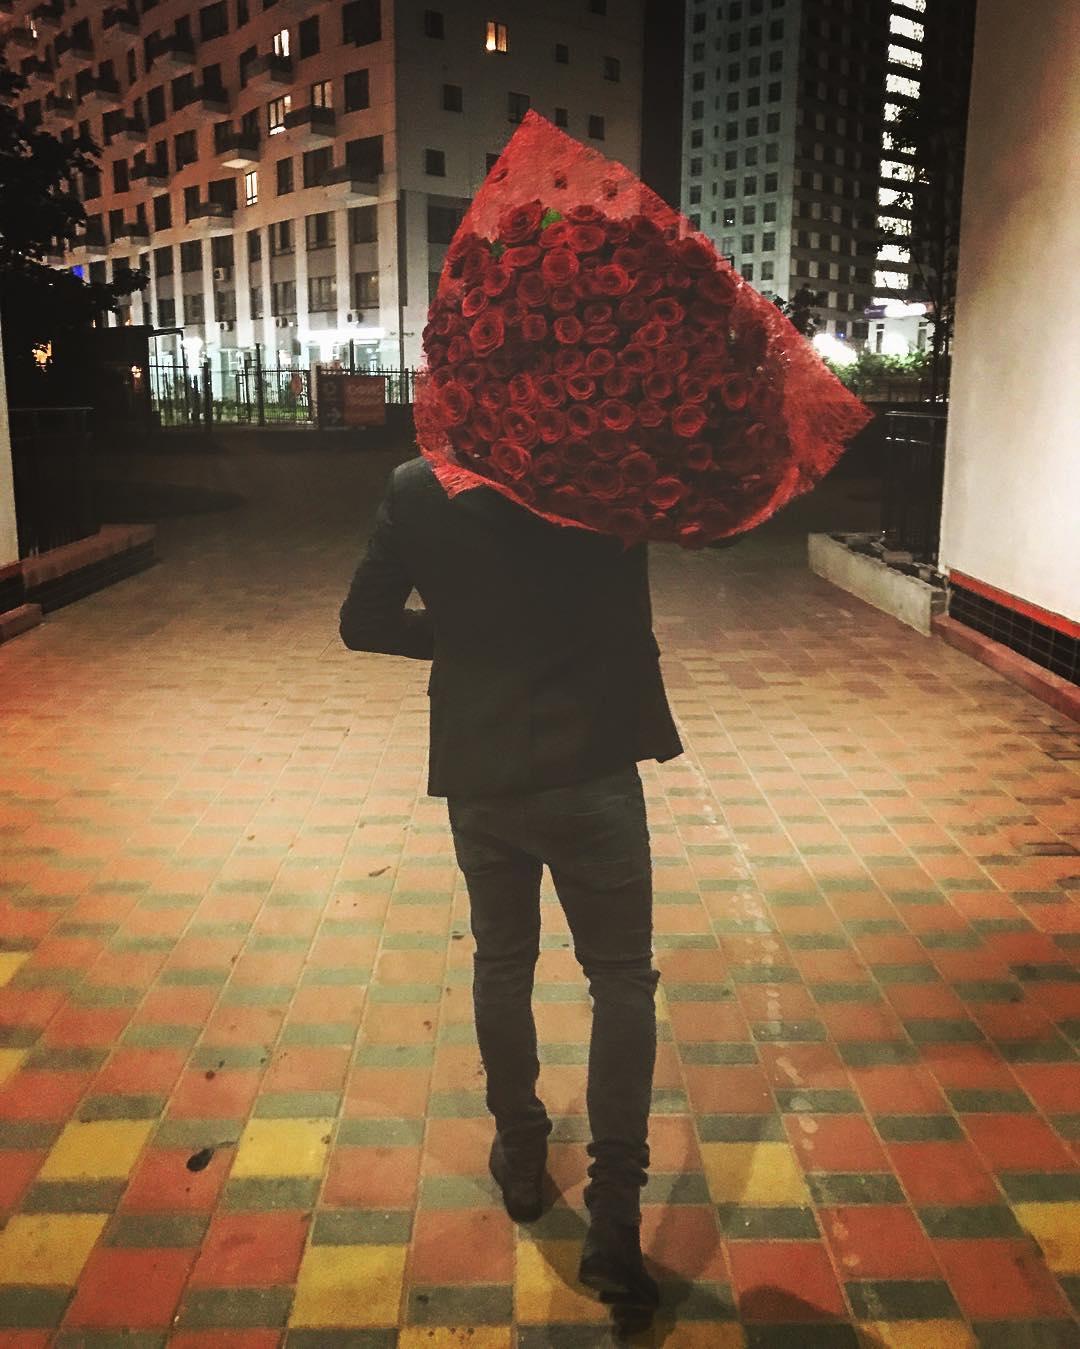 どこに向かってる?ロシアのコフトゥン選手が沢山のバラの花束を抱え夜の街へ